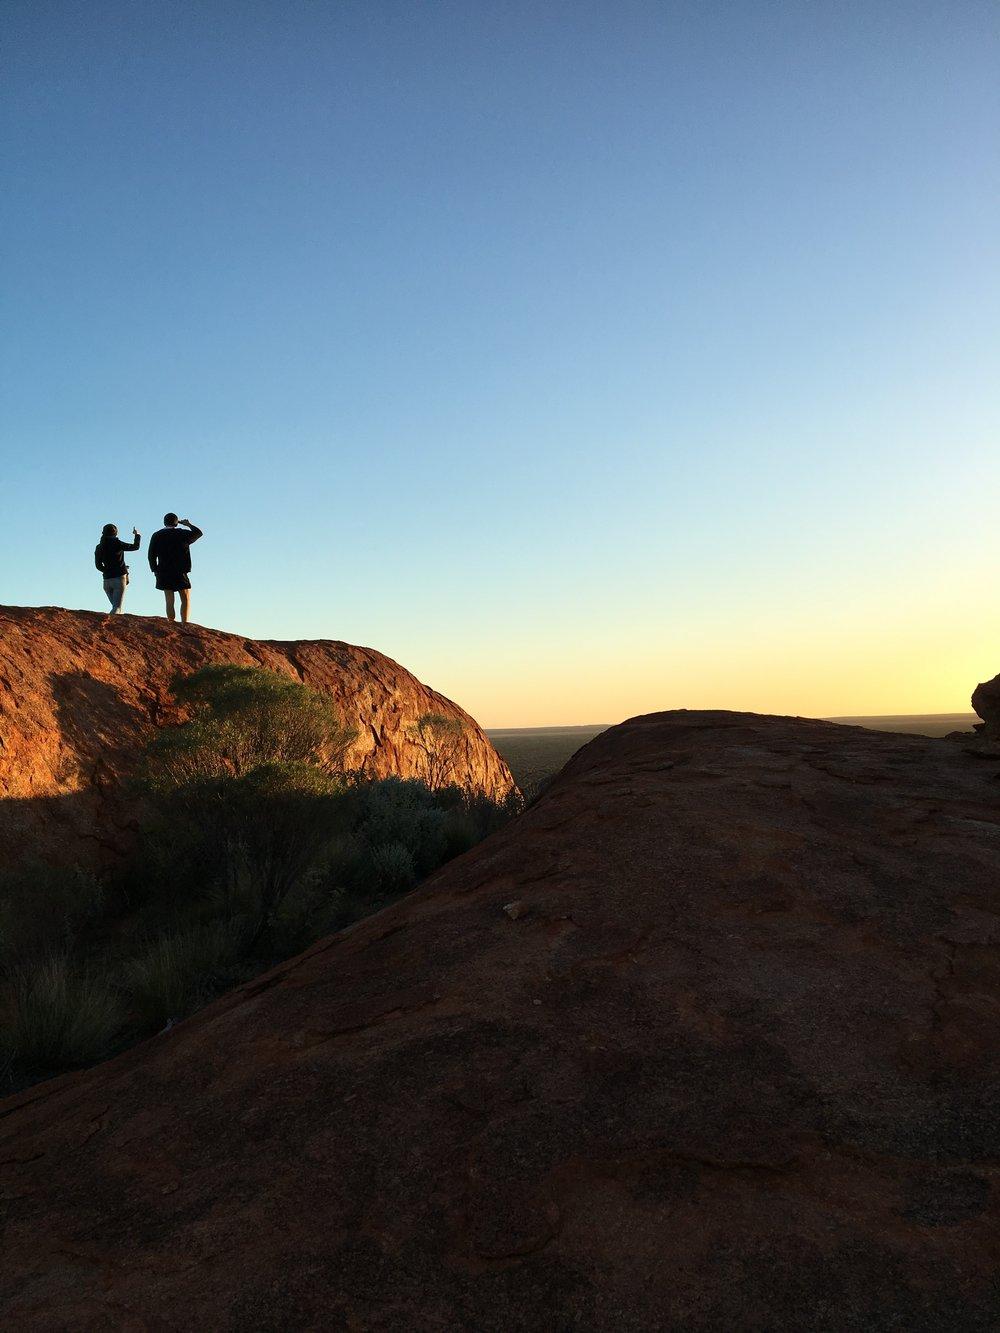 Frances & Owen atop Budara at sunset